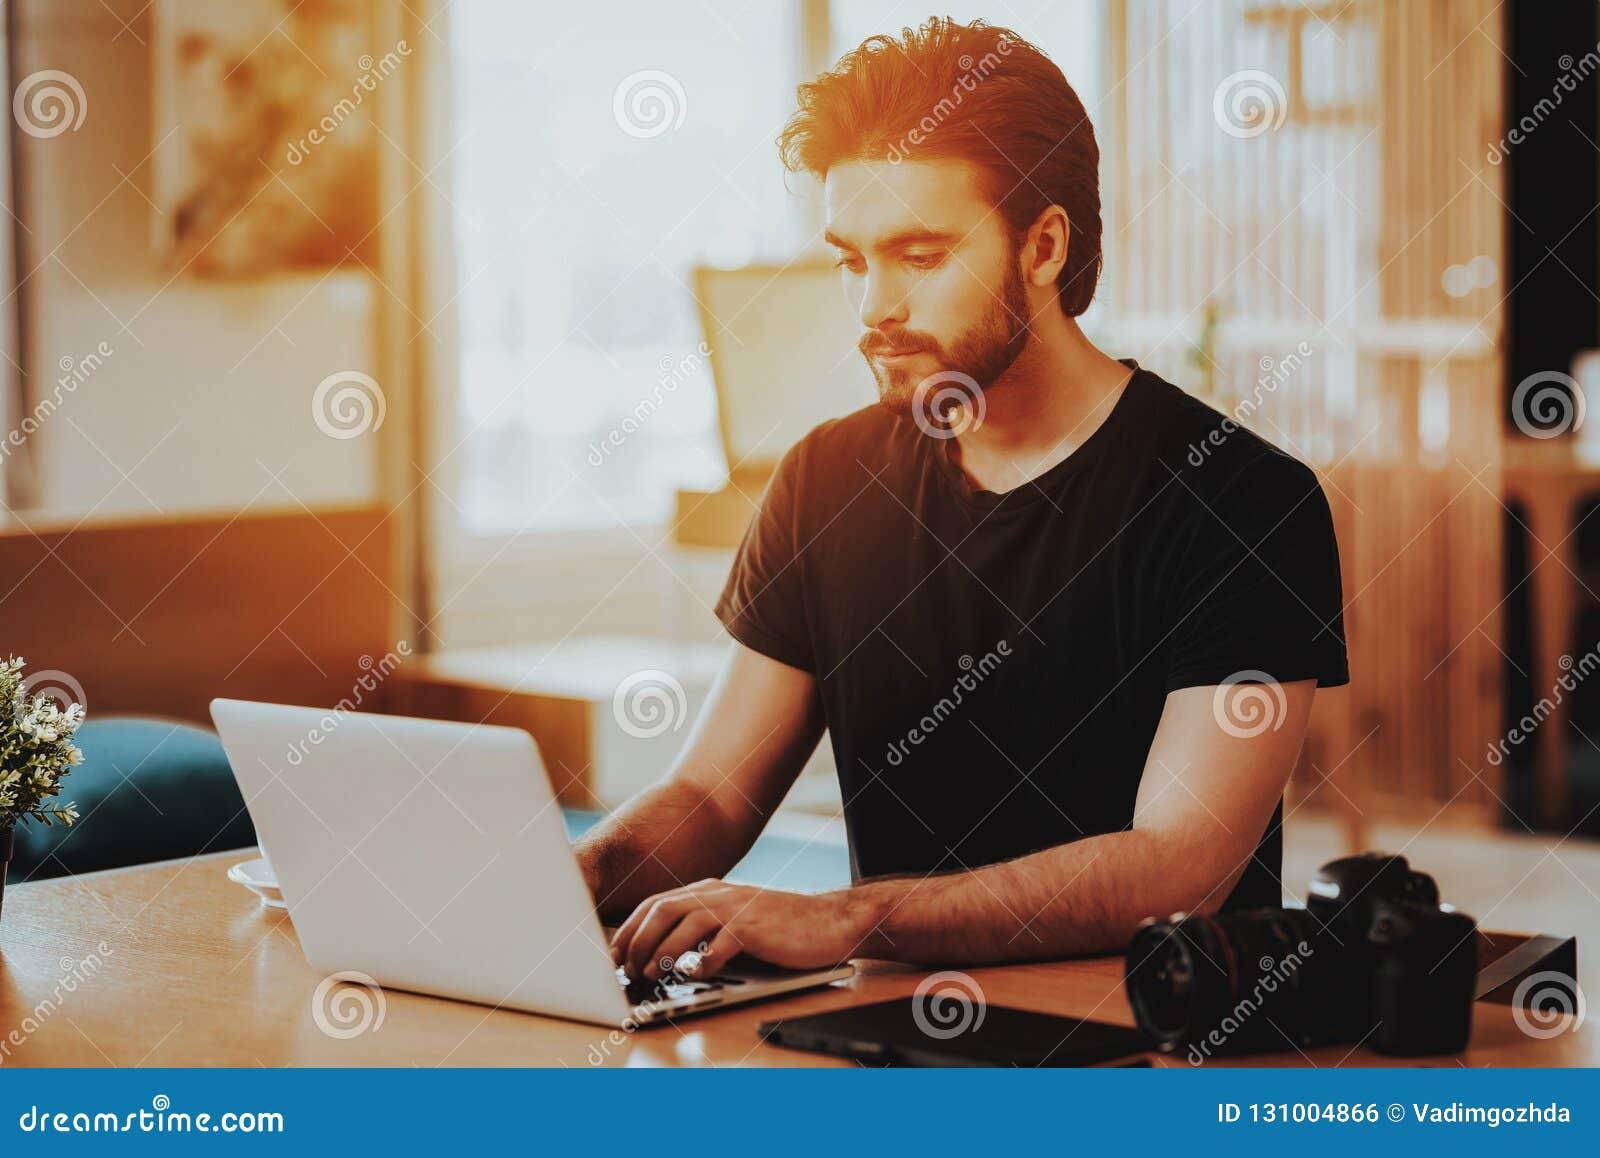 Portret van Knappe Freelancer die aan Laptop werken